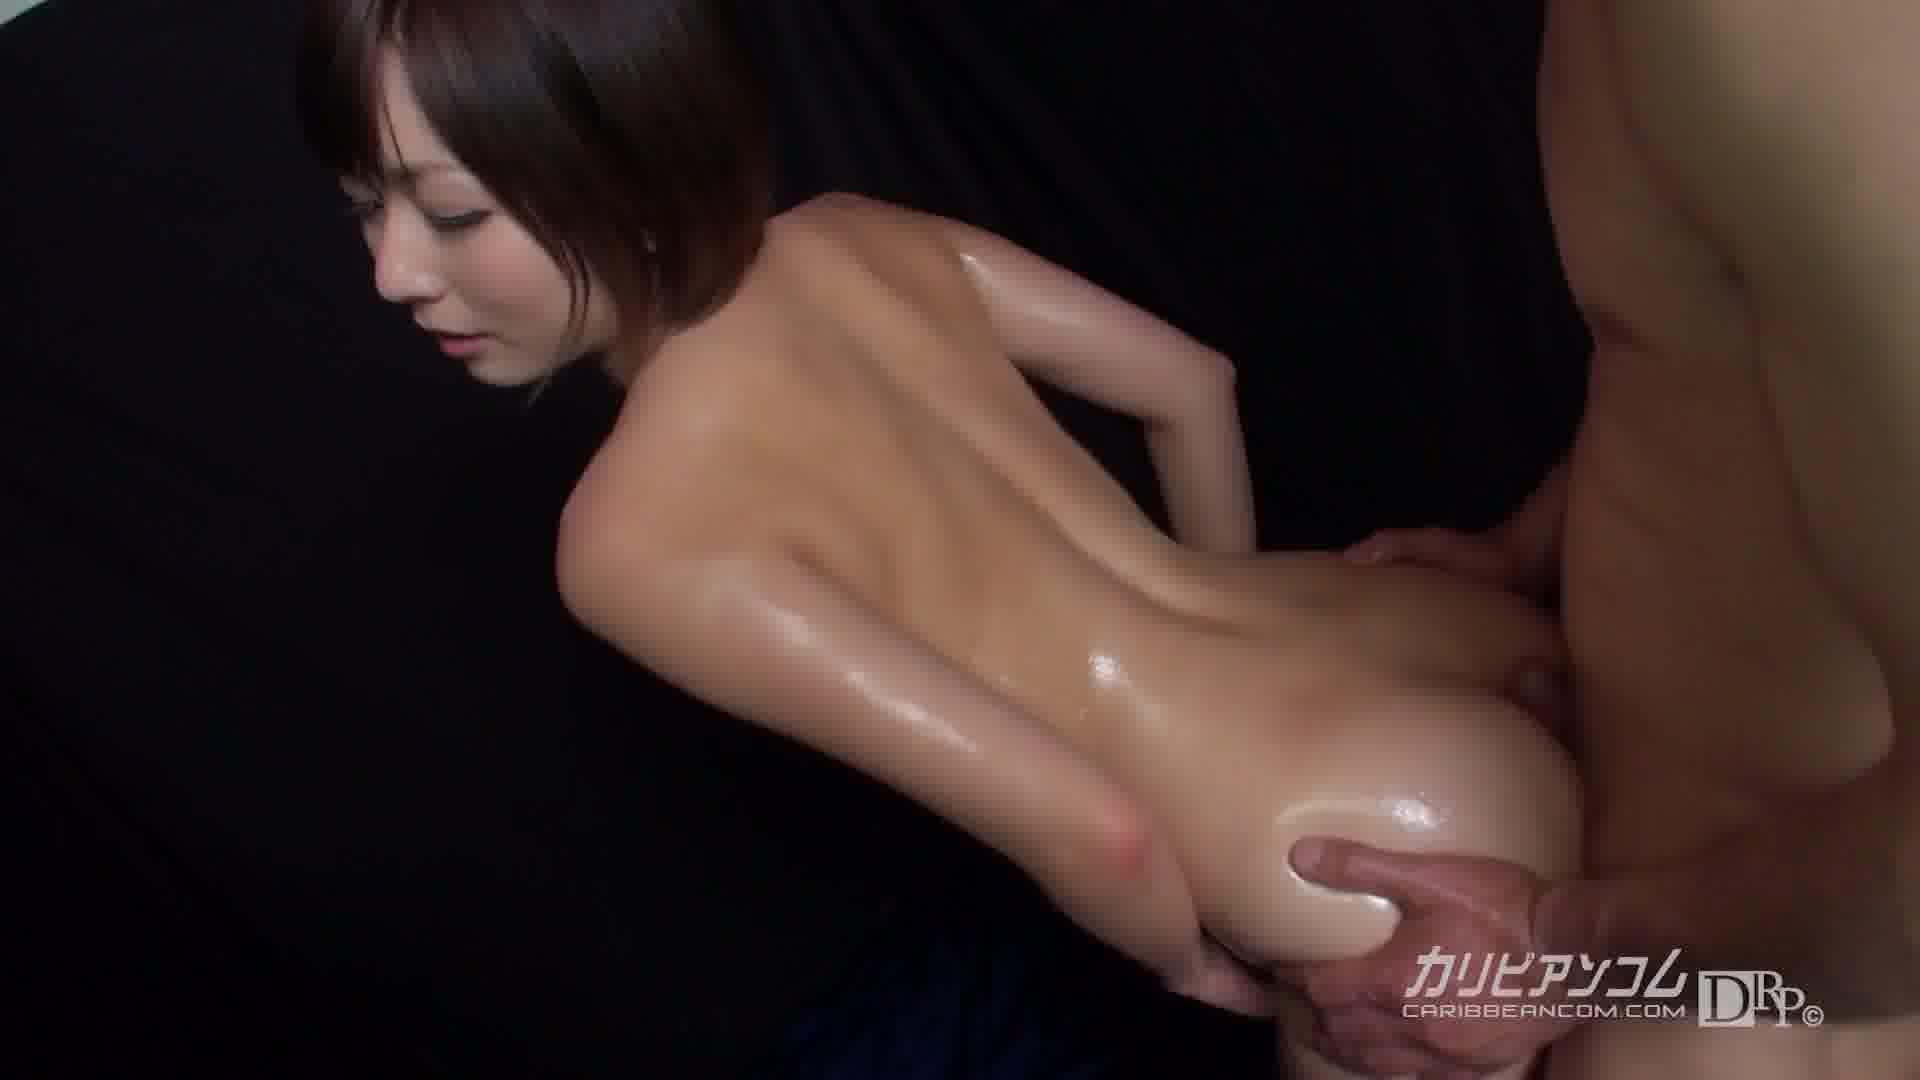 麻倉憂未公開映像 尻コキ編 - 麻倉憂【美乳・スレンダー・美尻】